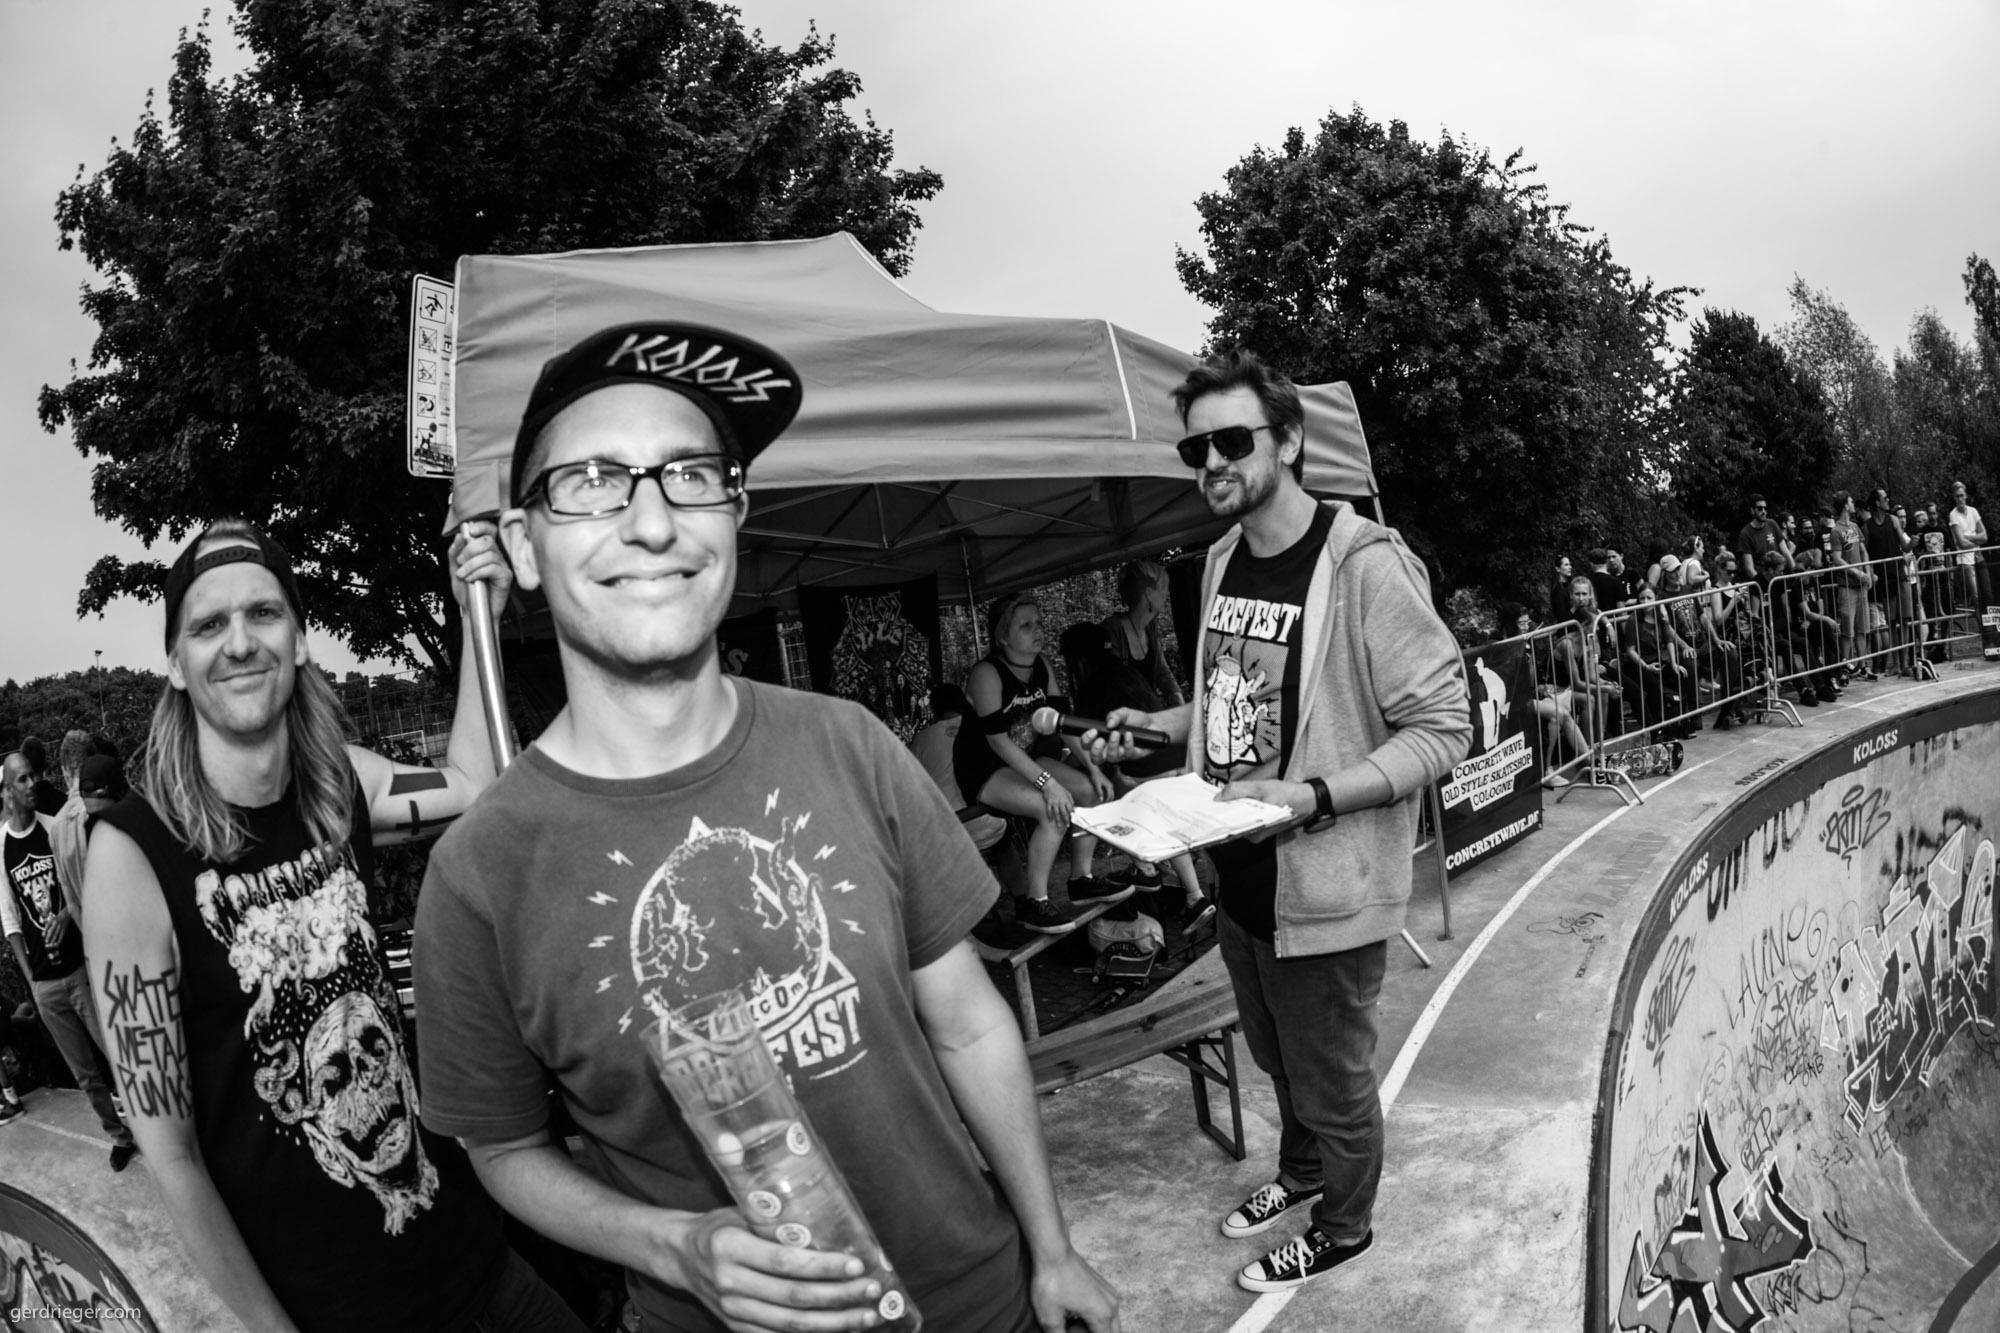 2017-07-08_Bergfest-Bailgun-3987